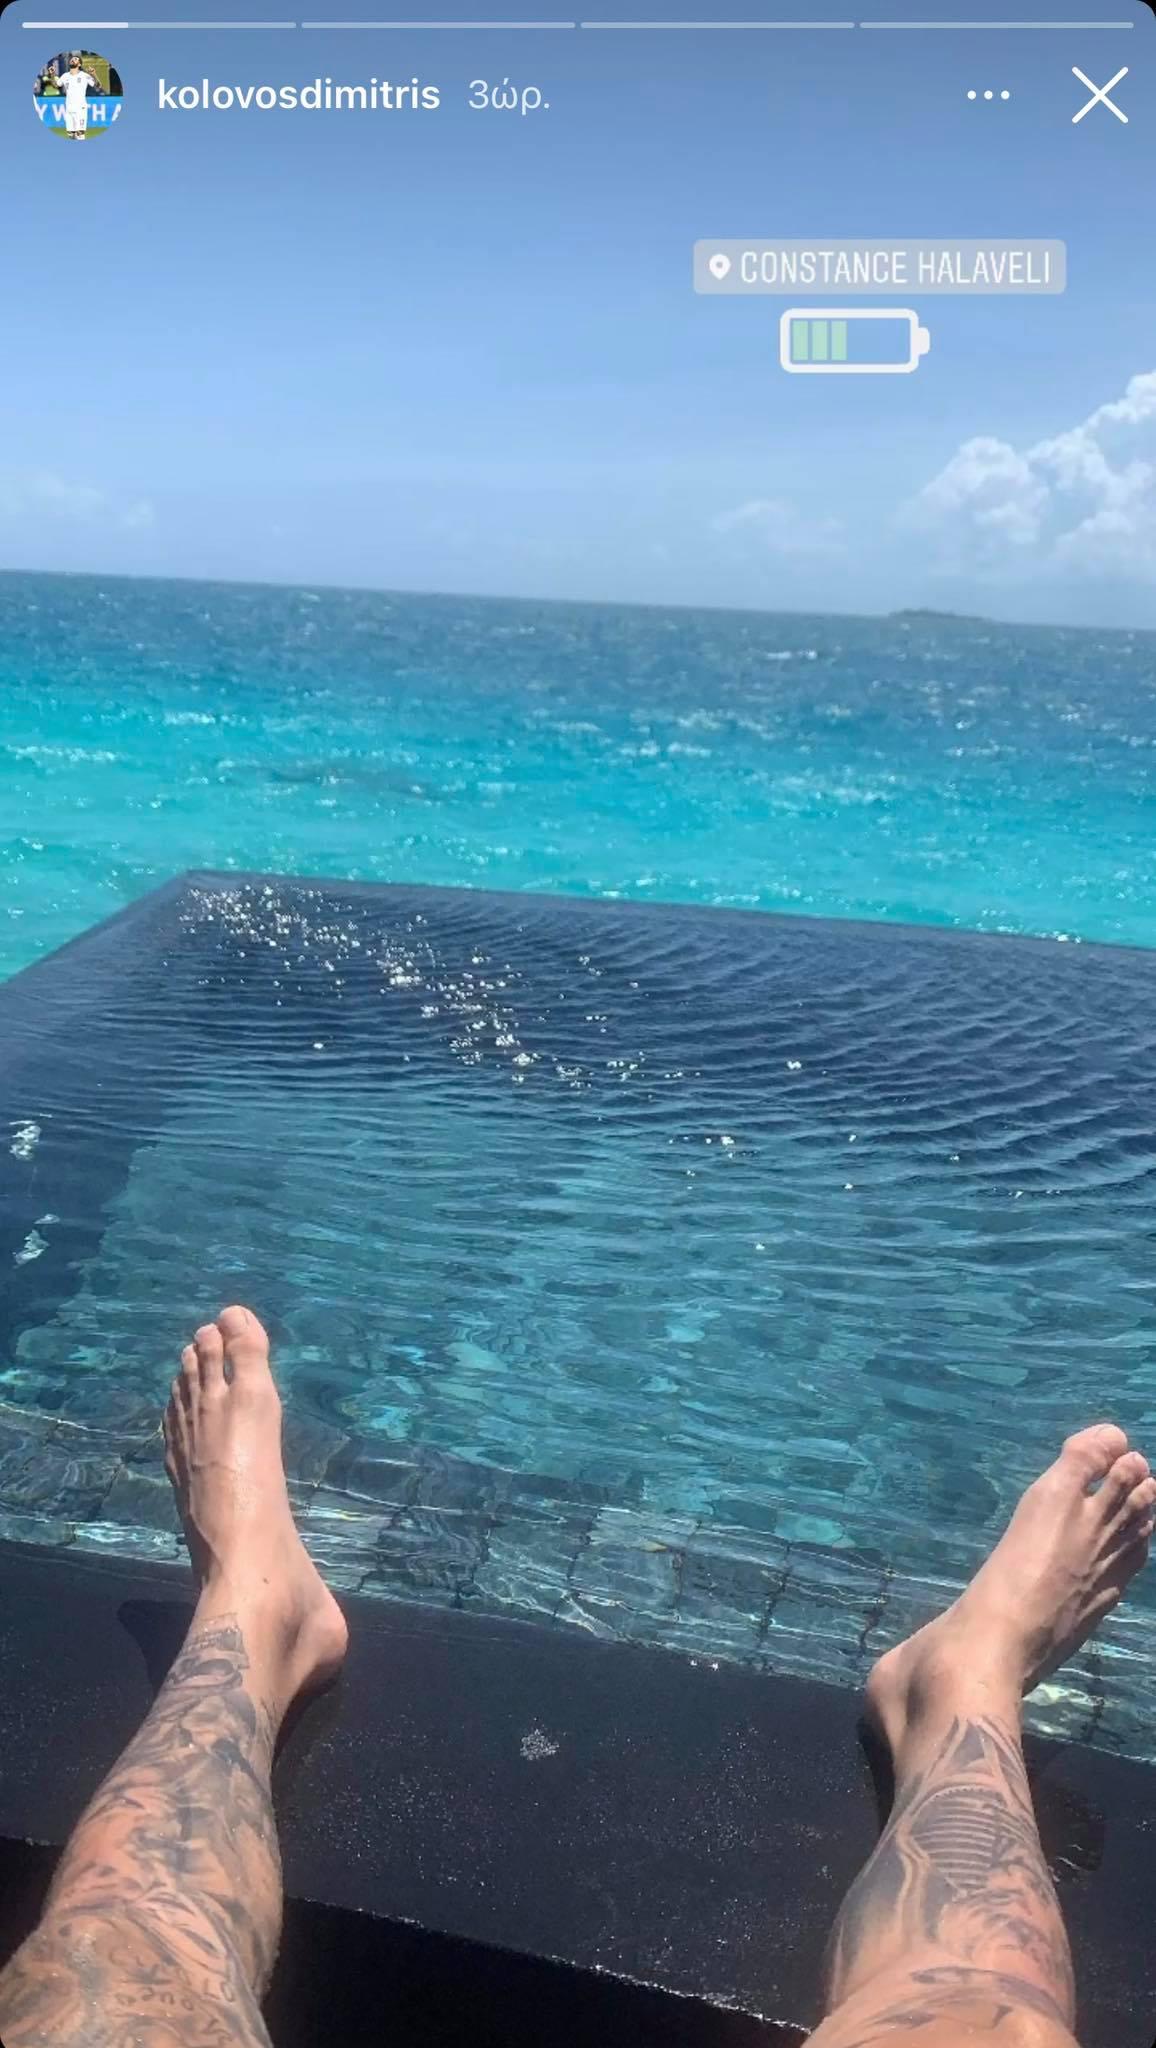 Στις Μαλδίβες ο Κολοβός - Ξεχειλίζει από έρωτα η ανάρτησή του! (pic)